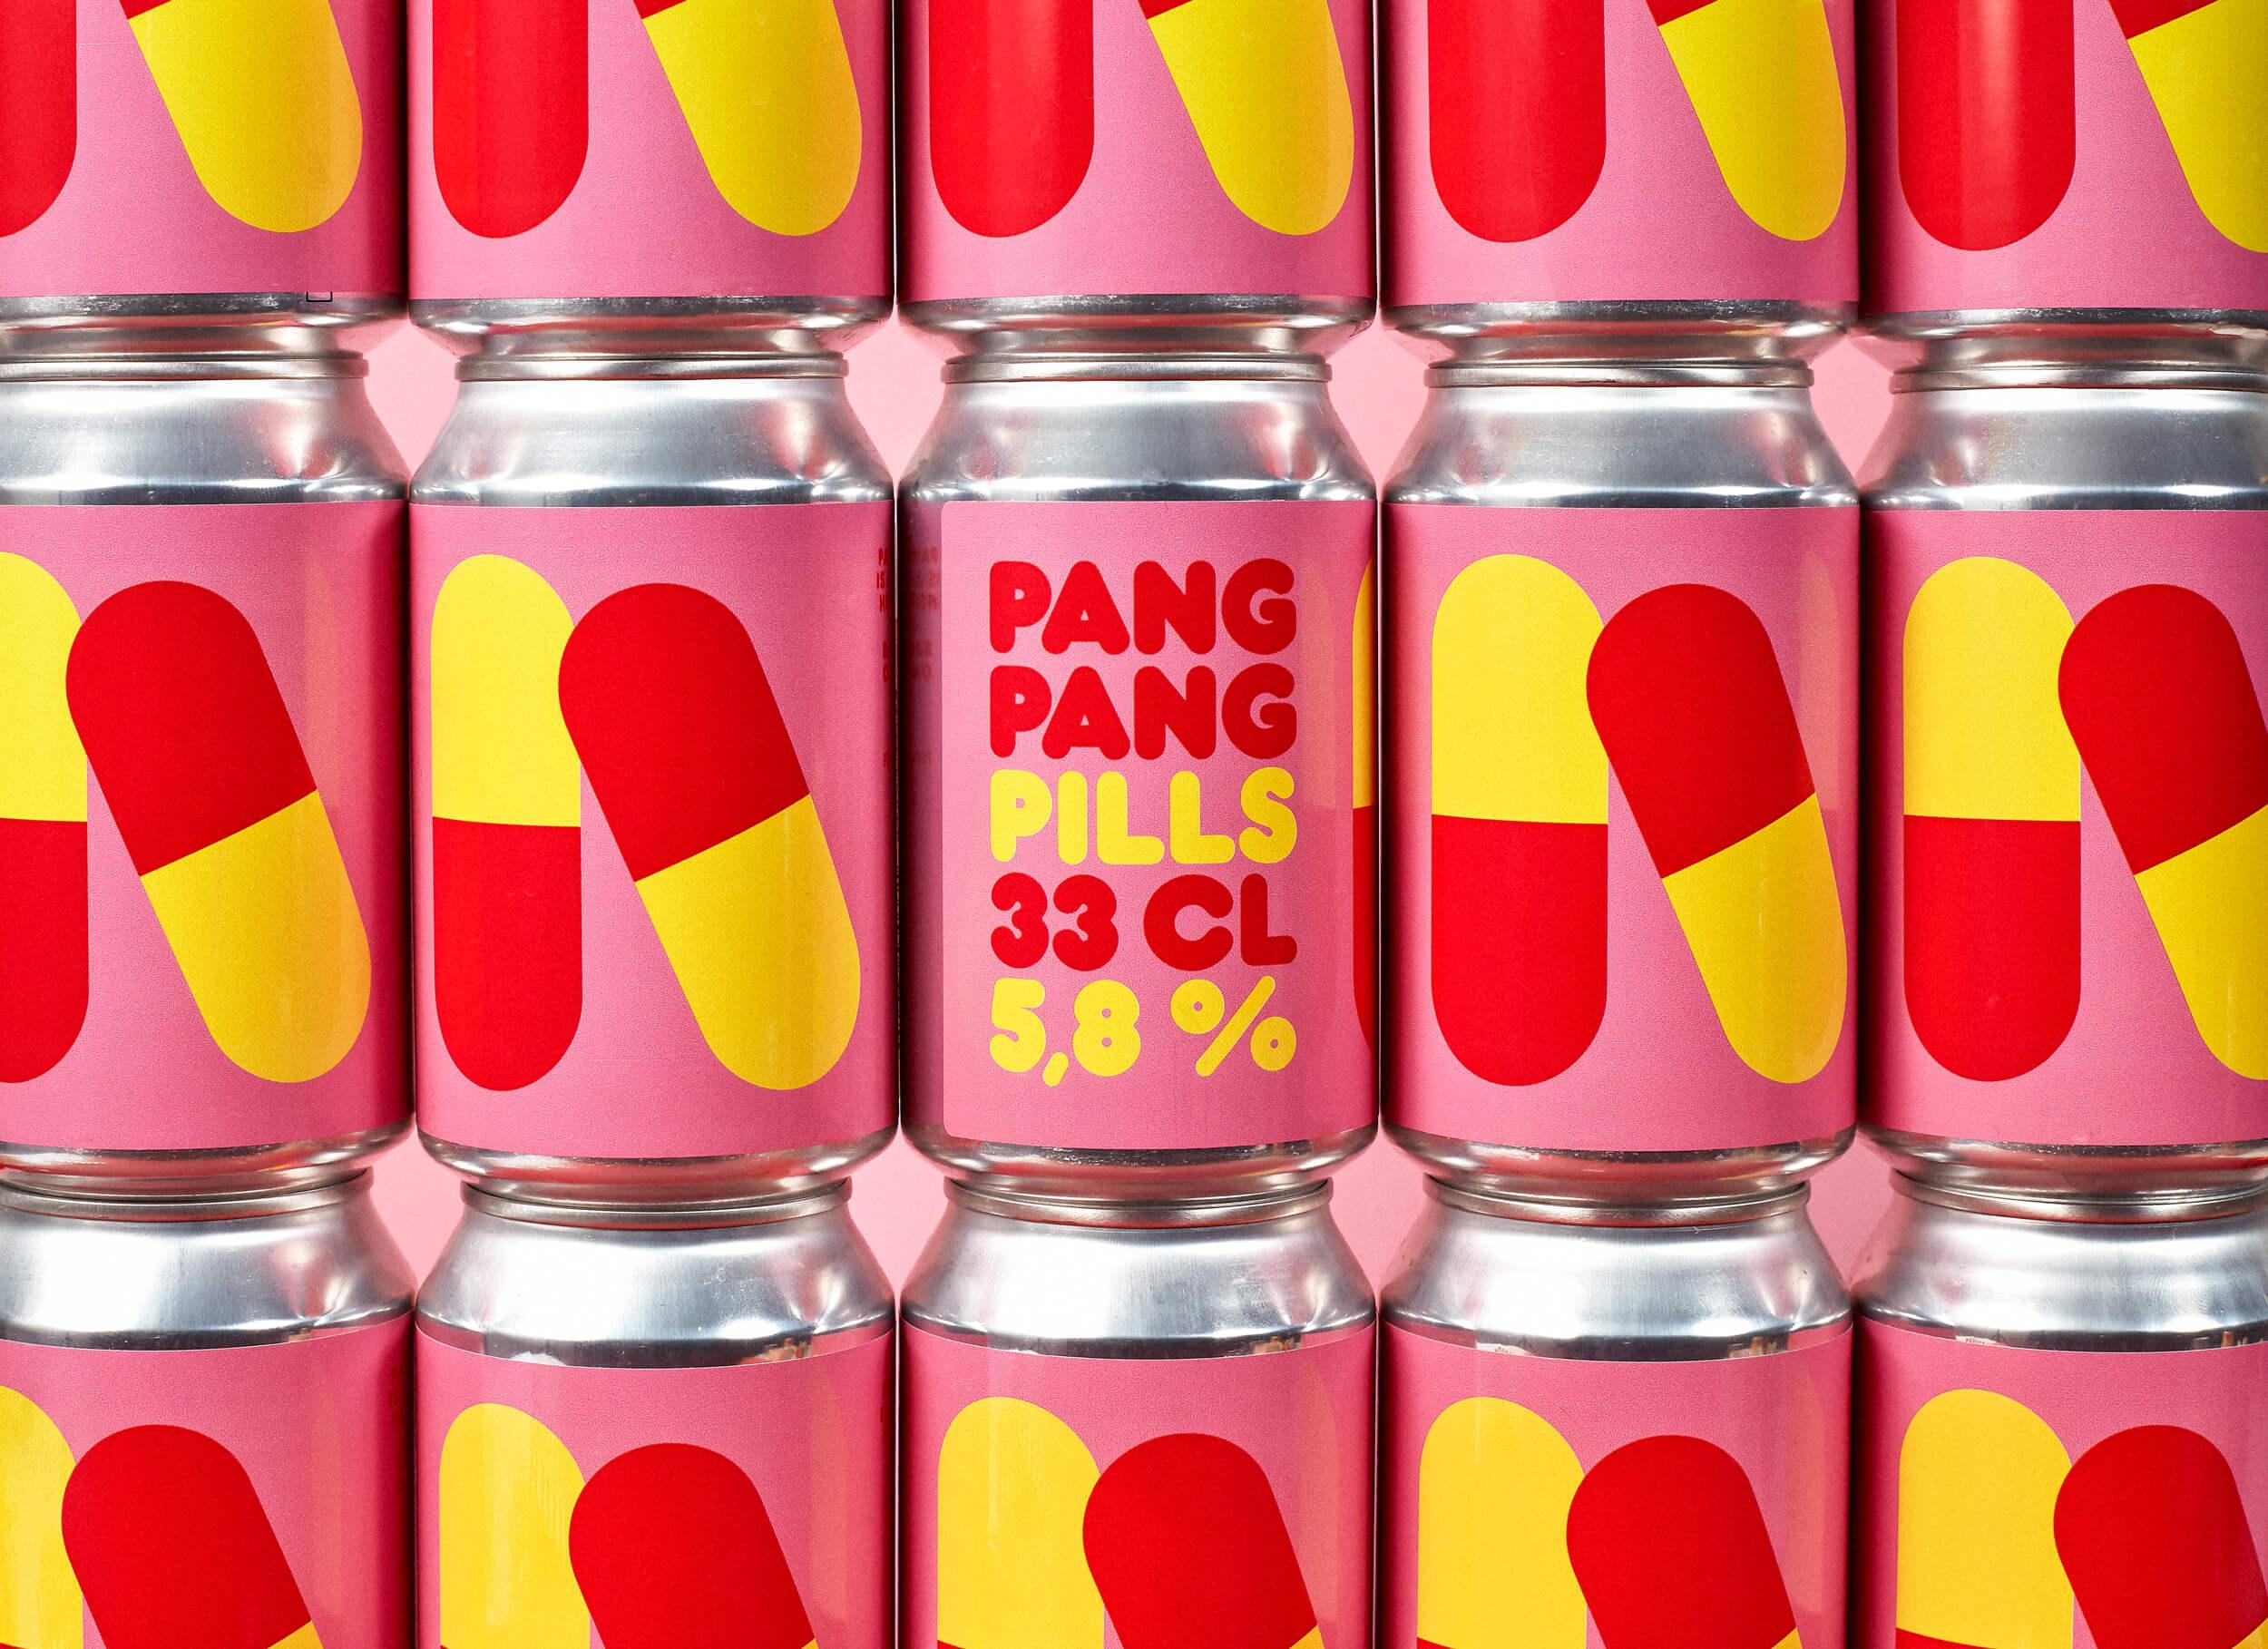 pangpang-pills_02_rows1.jpg